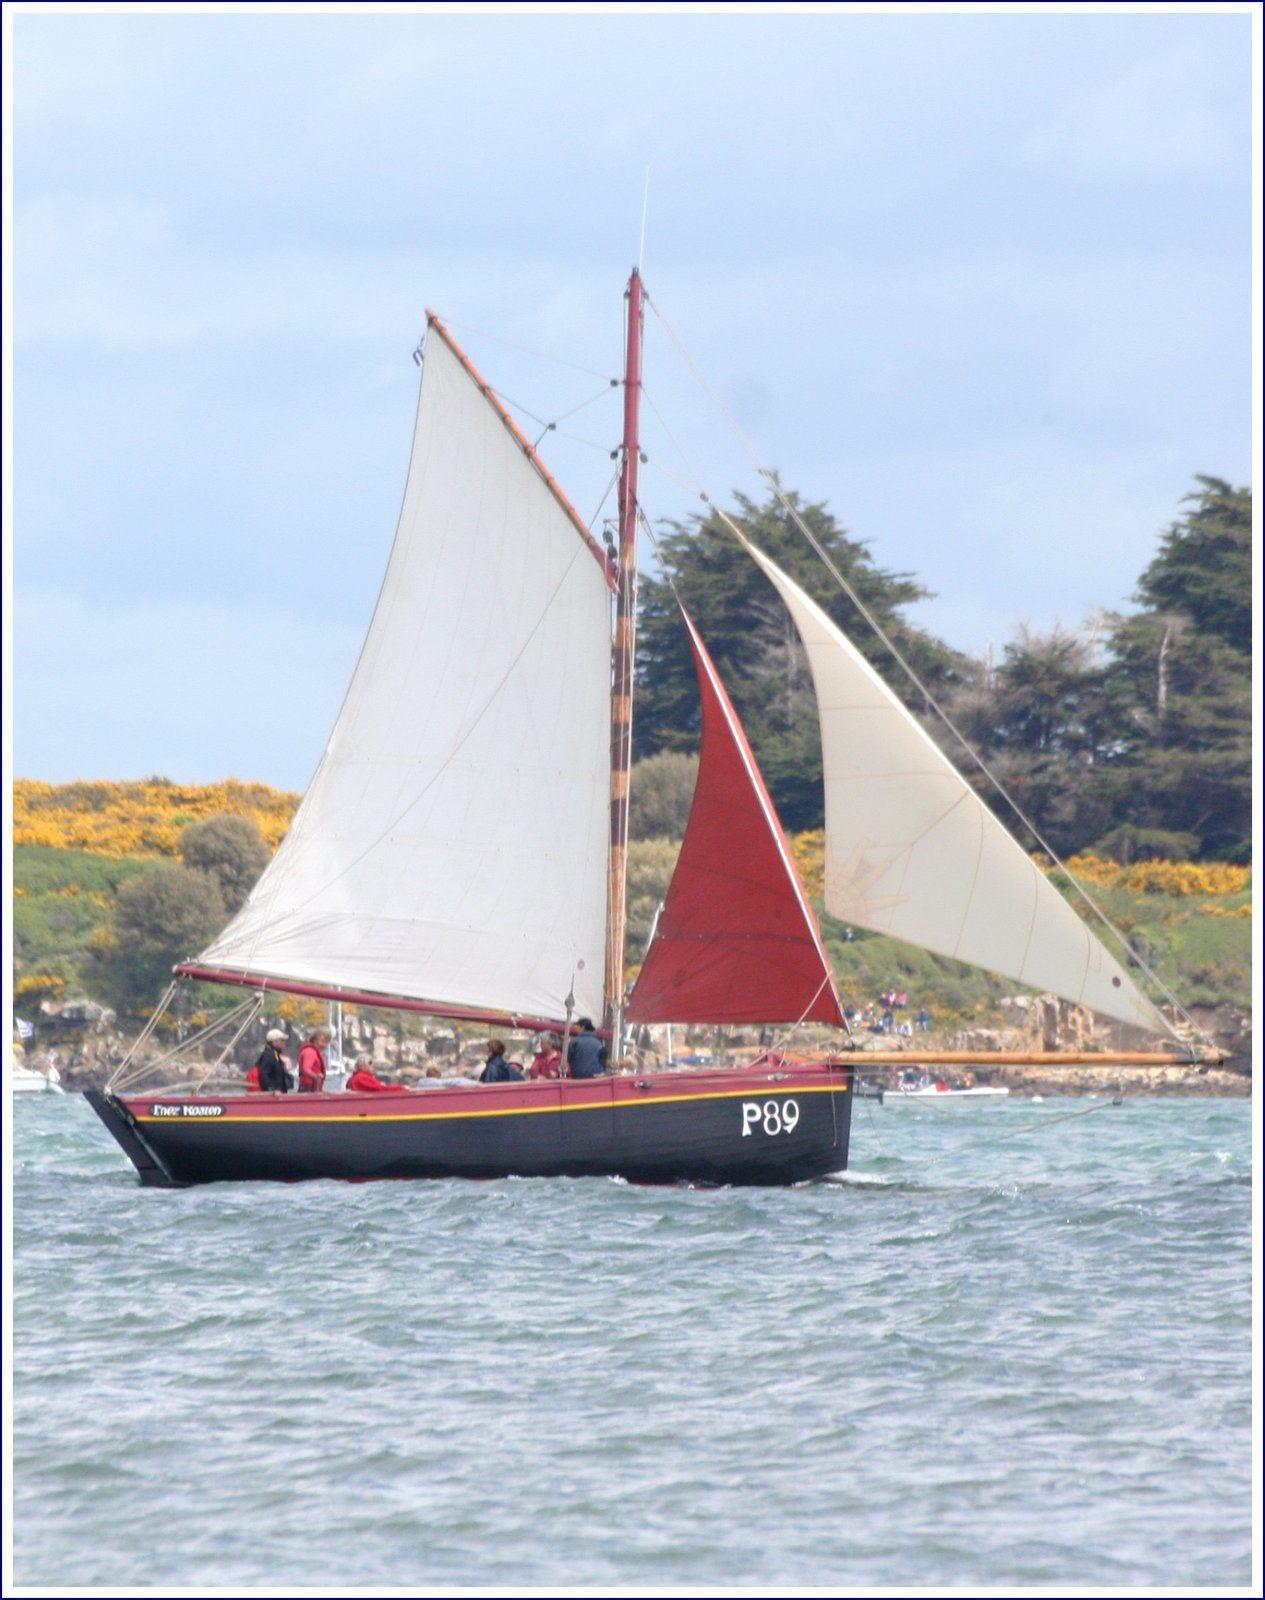 260 - La semaine du Golfe du Morbihan, rassemblement de voiliers traditionnels, mai 2015, photos GeoMar, circuit côtier, Locmariaquer, Kerpenhir